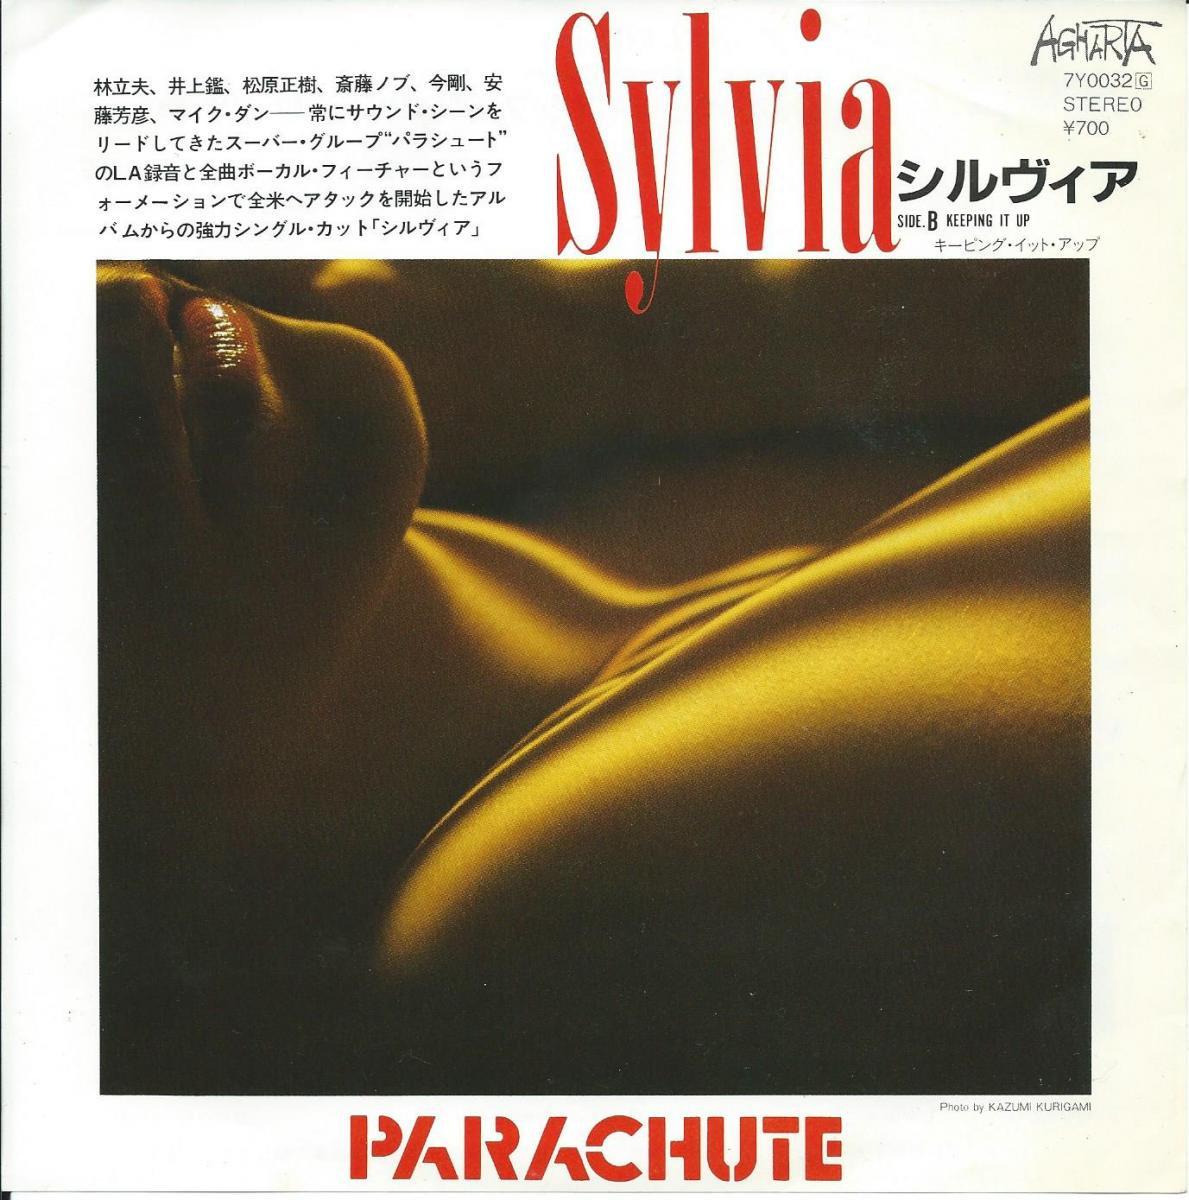 パラシュート PARACHUTE / シルヴィア SYLVIA (7